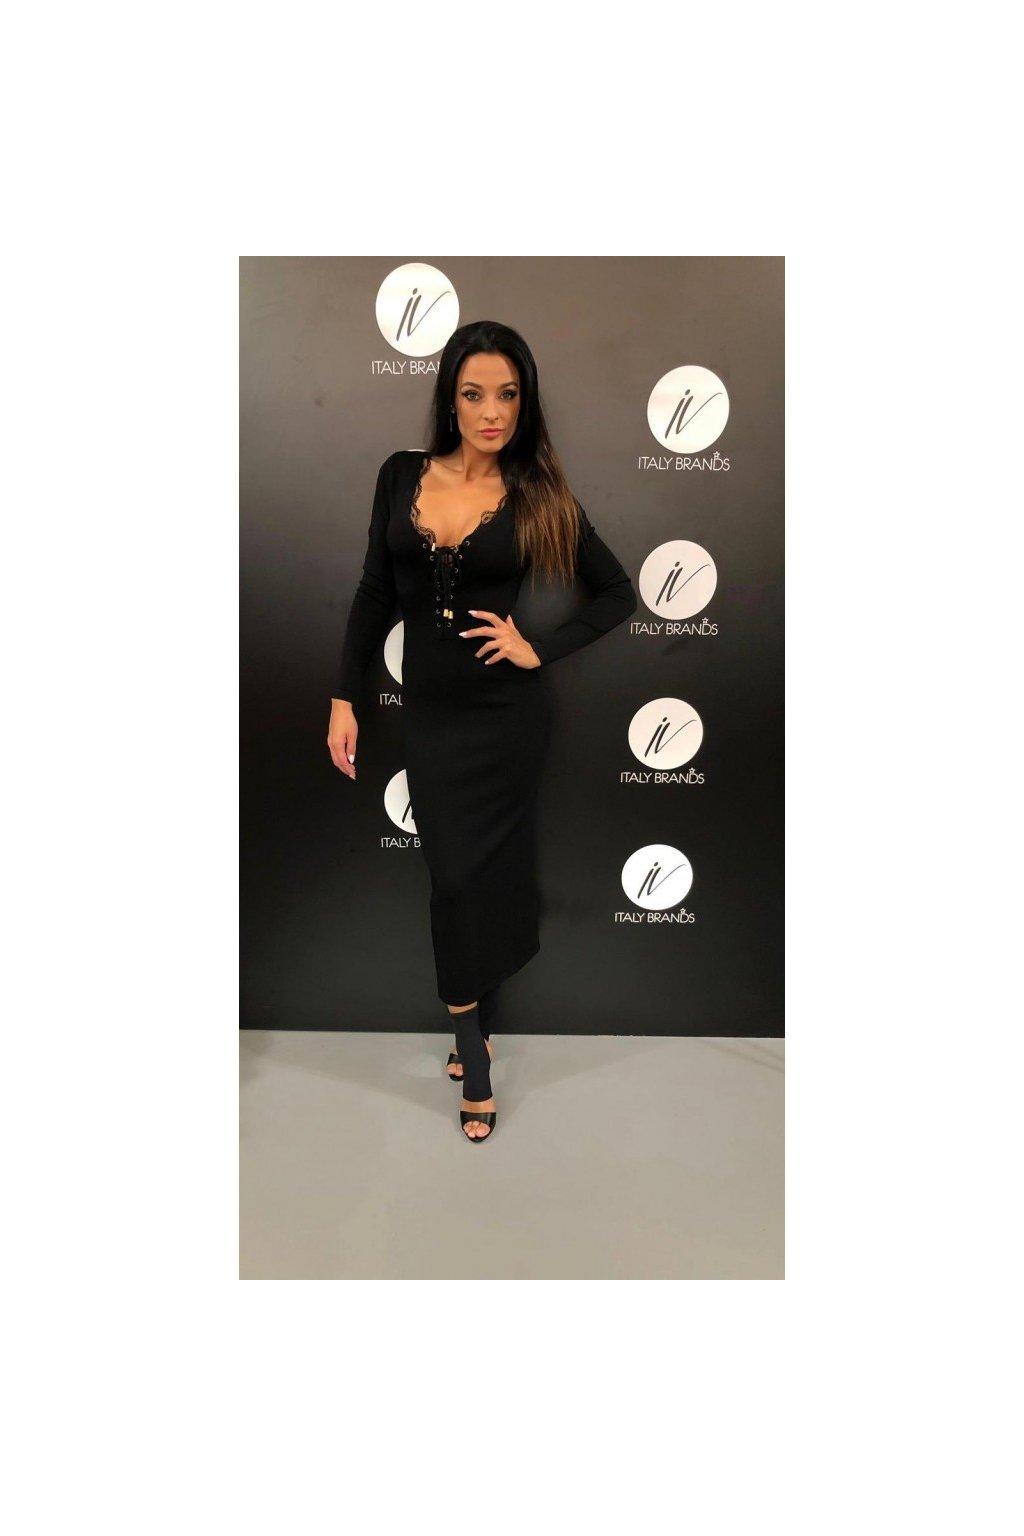 Šaty se šněrováním, Silvian Heach - černé (Velikost Velikost M)